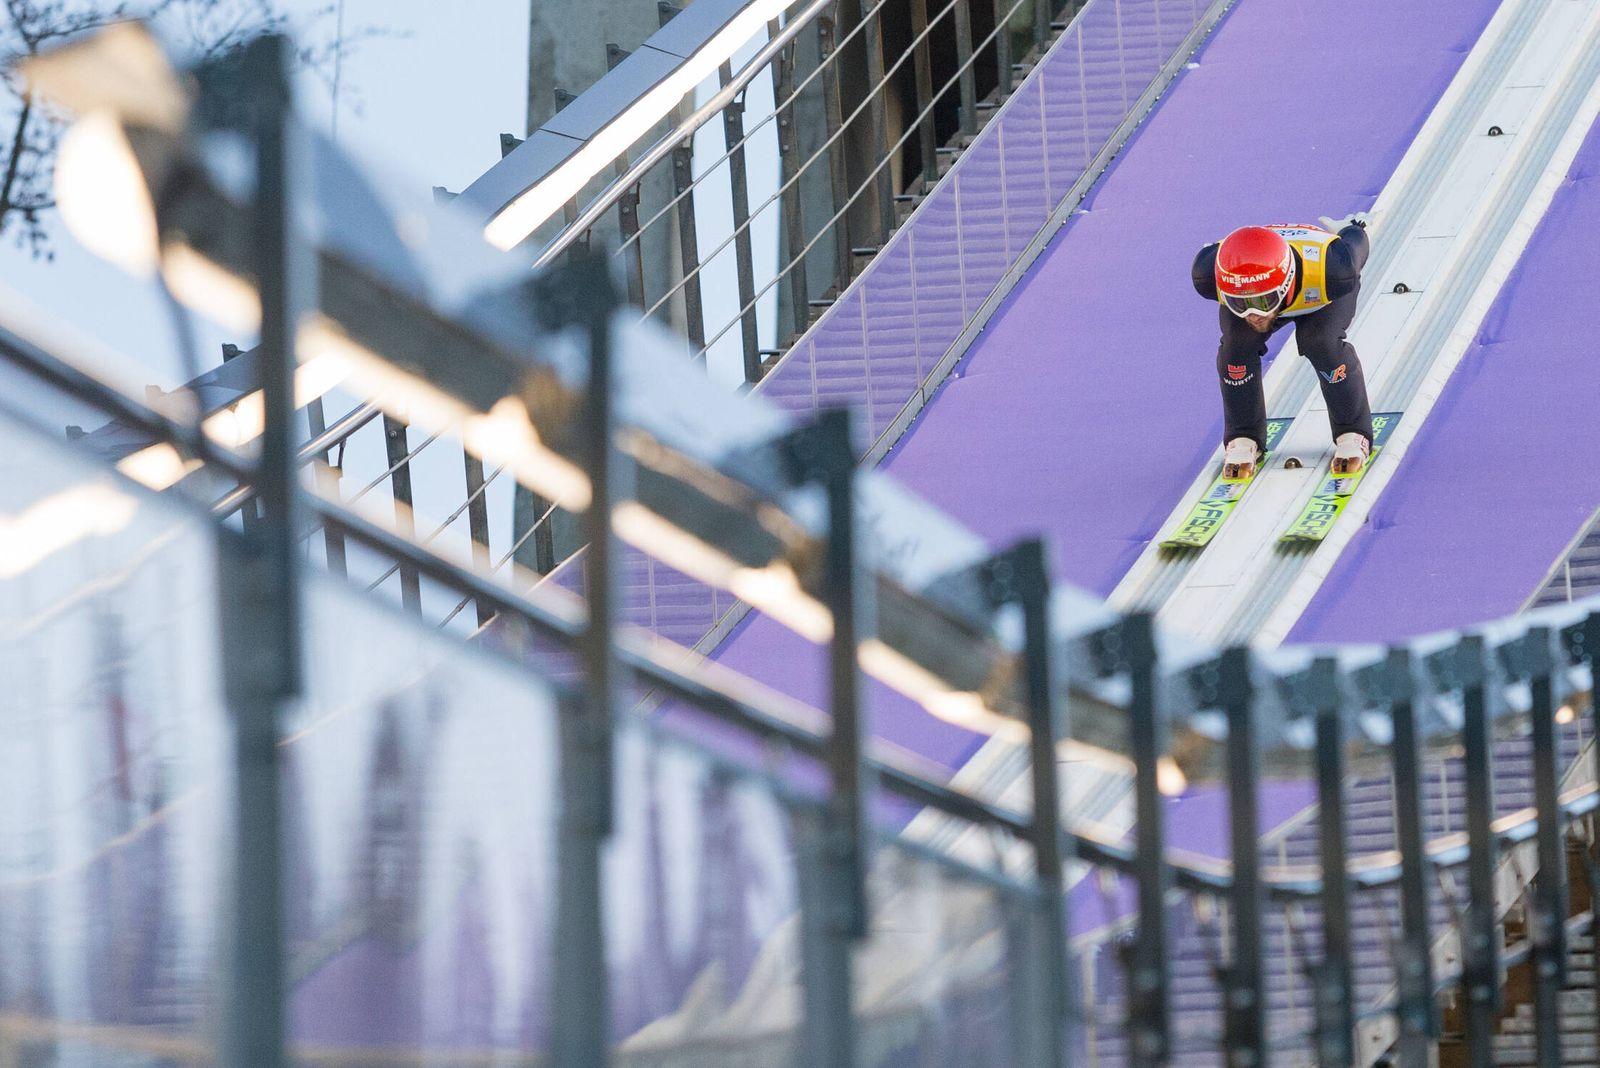 21.11.2020, Wisla, skoki narciarskie, puchar swiata, konkurs druzynowy, N/z Markus Eisenbichler (GER), fot. Tomasz Jastr